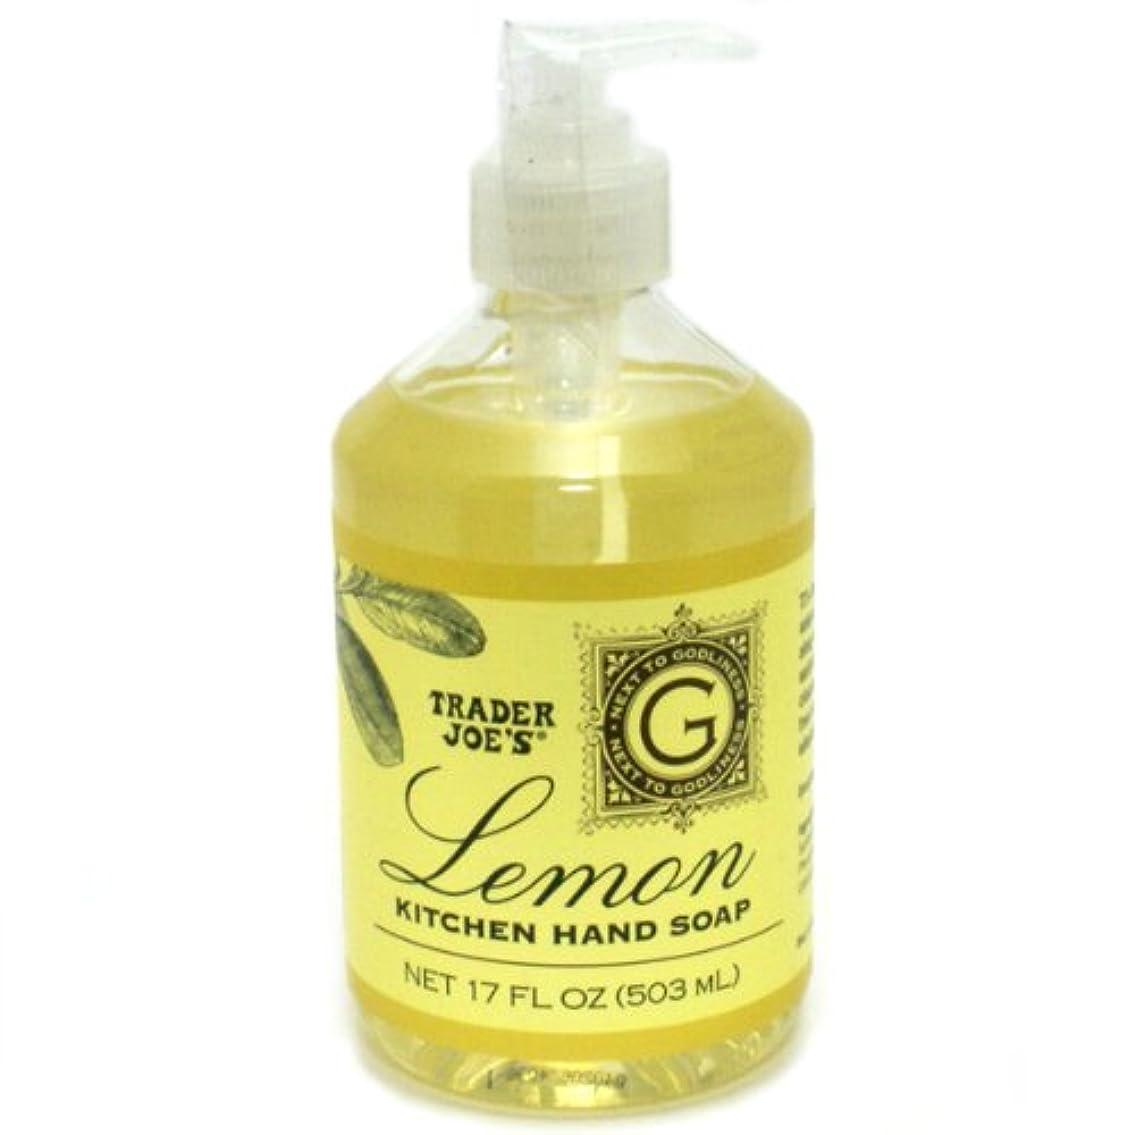 破滅的なラショナル安全なTrader Joe's トレーダージョーズ KITCHEN HAND SOAP Lemon レモン キッチンハンドソープ [並行輸入品]